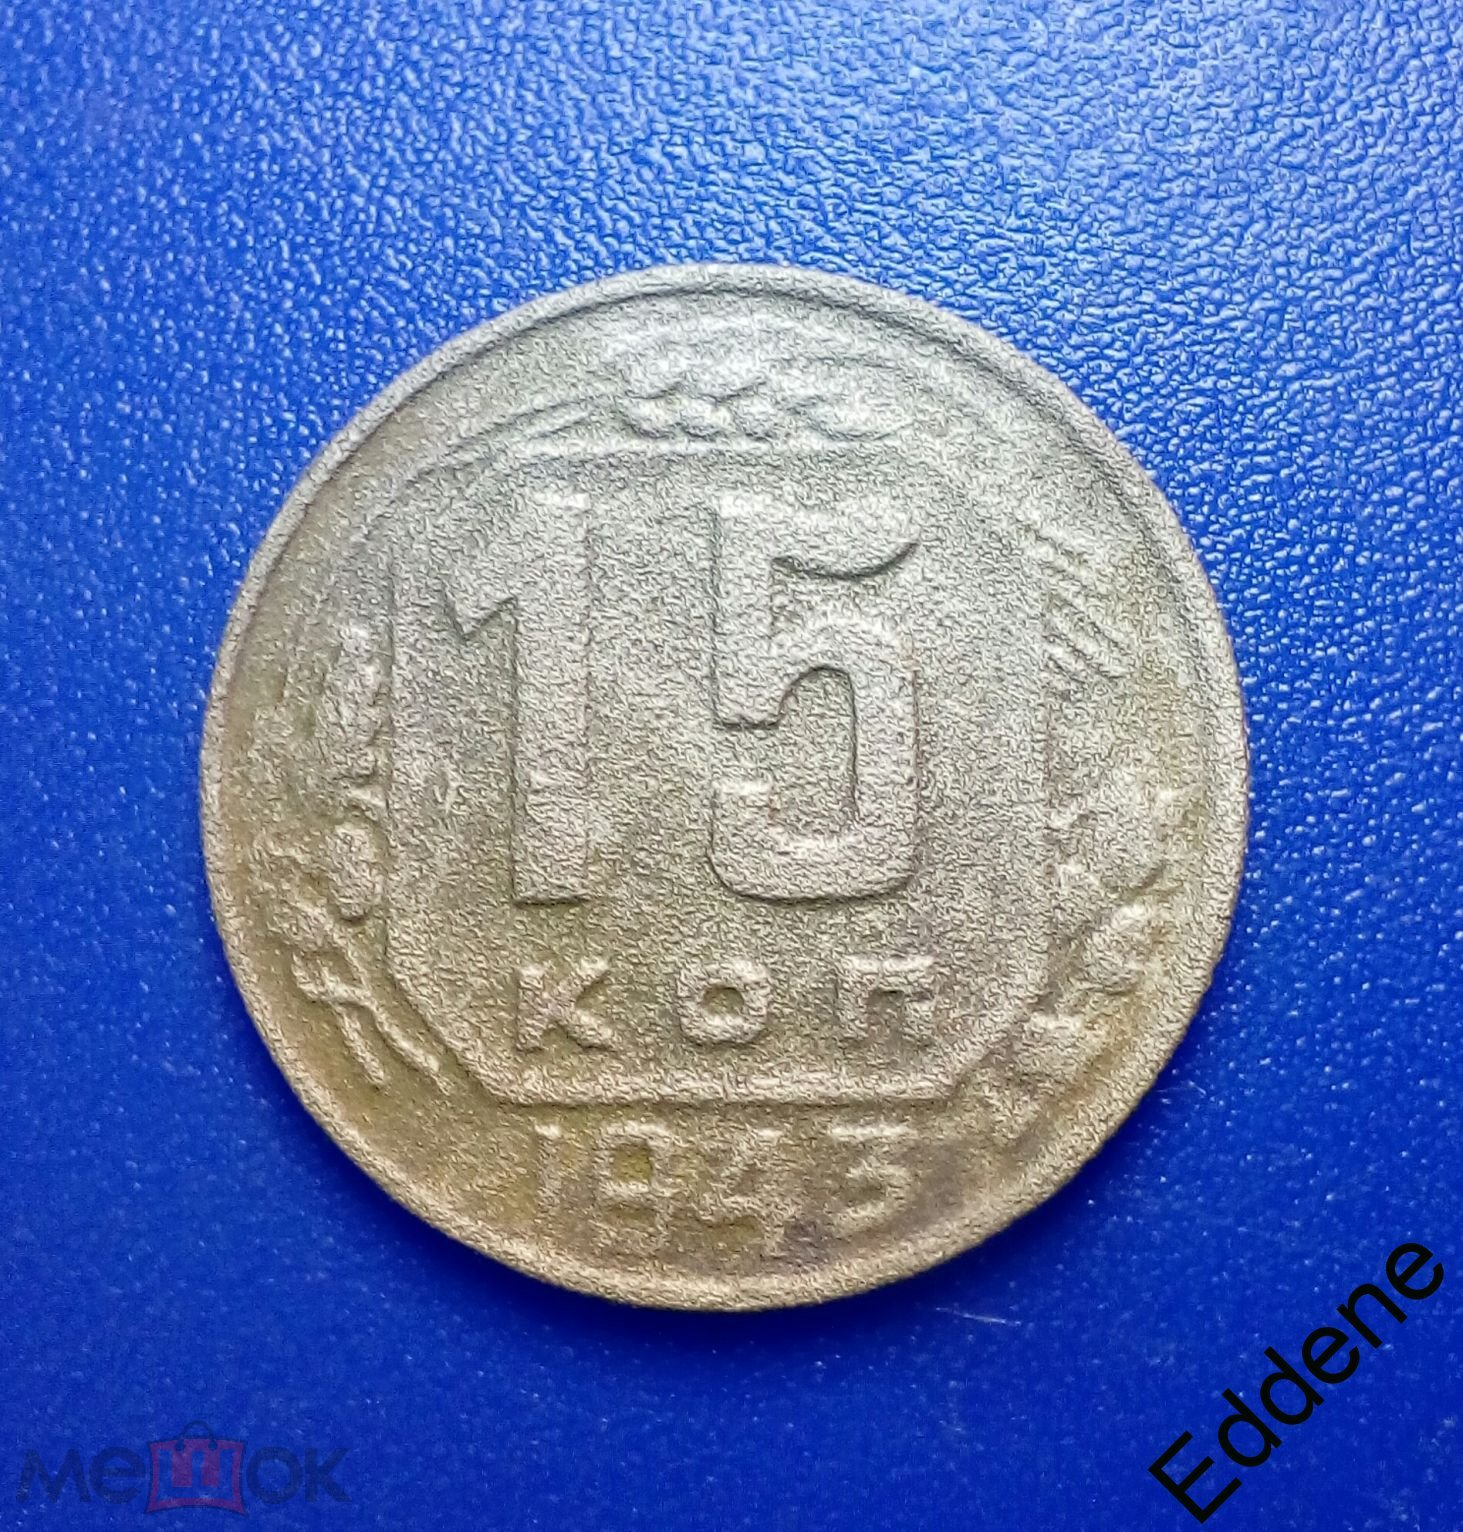 15 копеек 1943 года. С рубля.